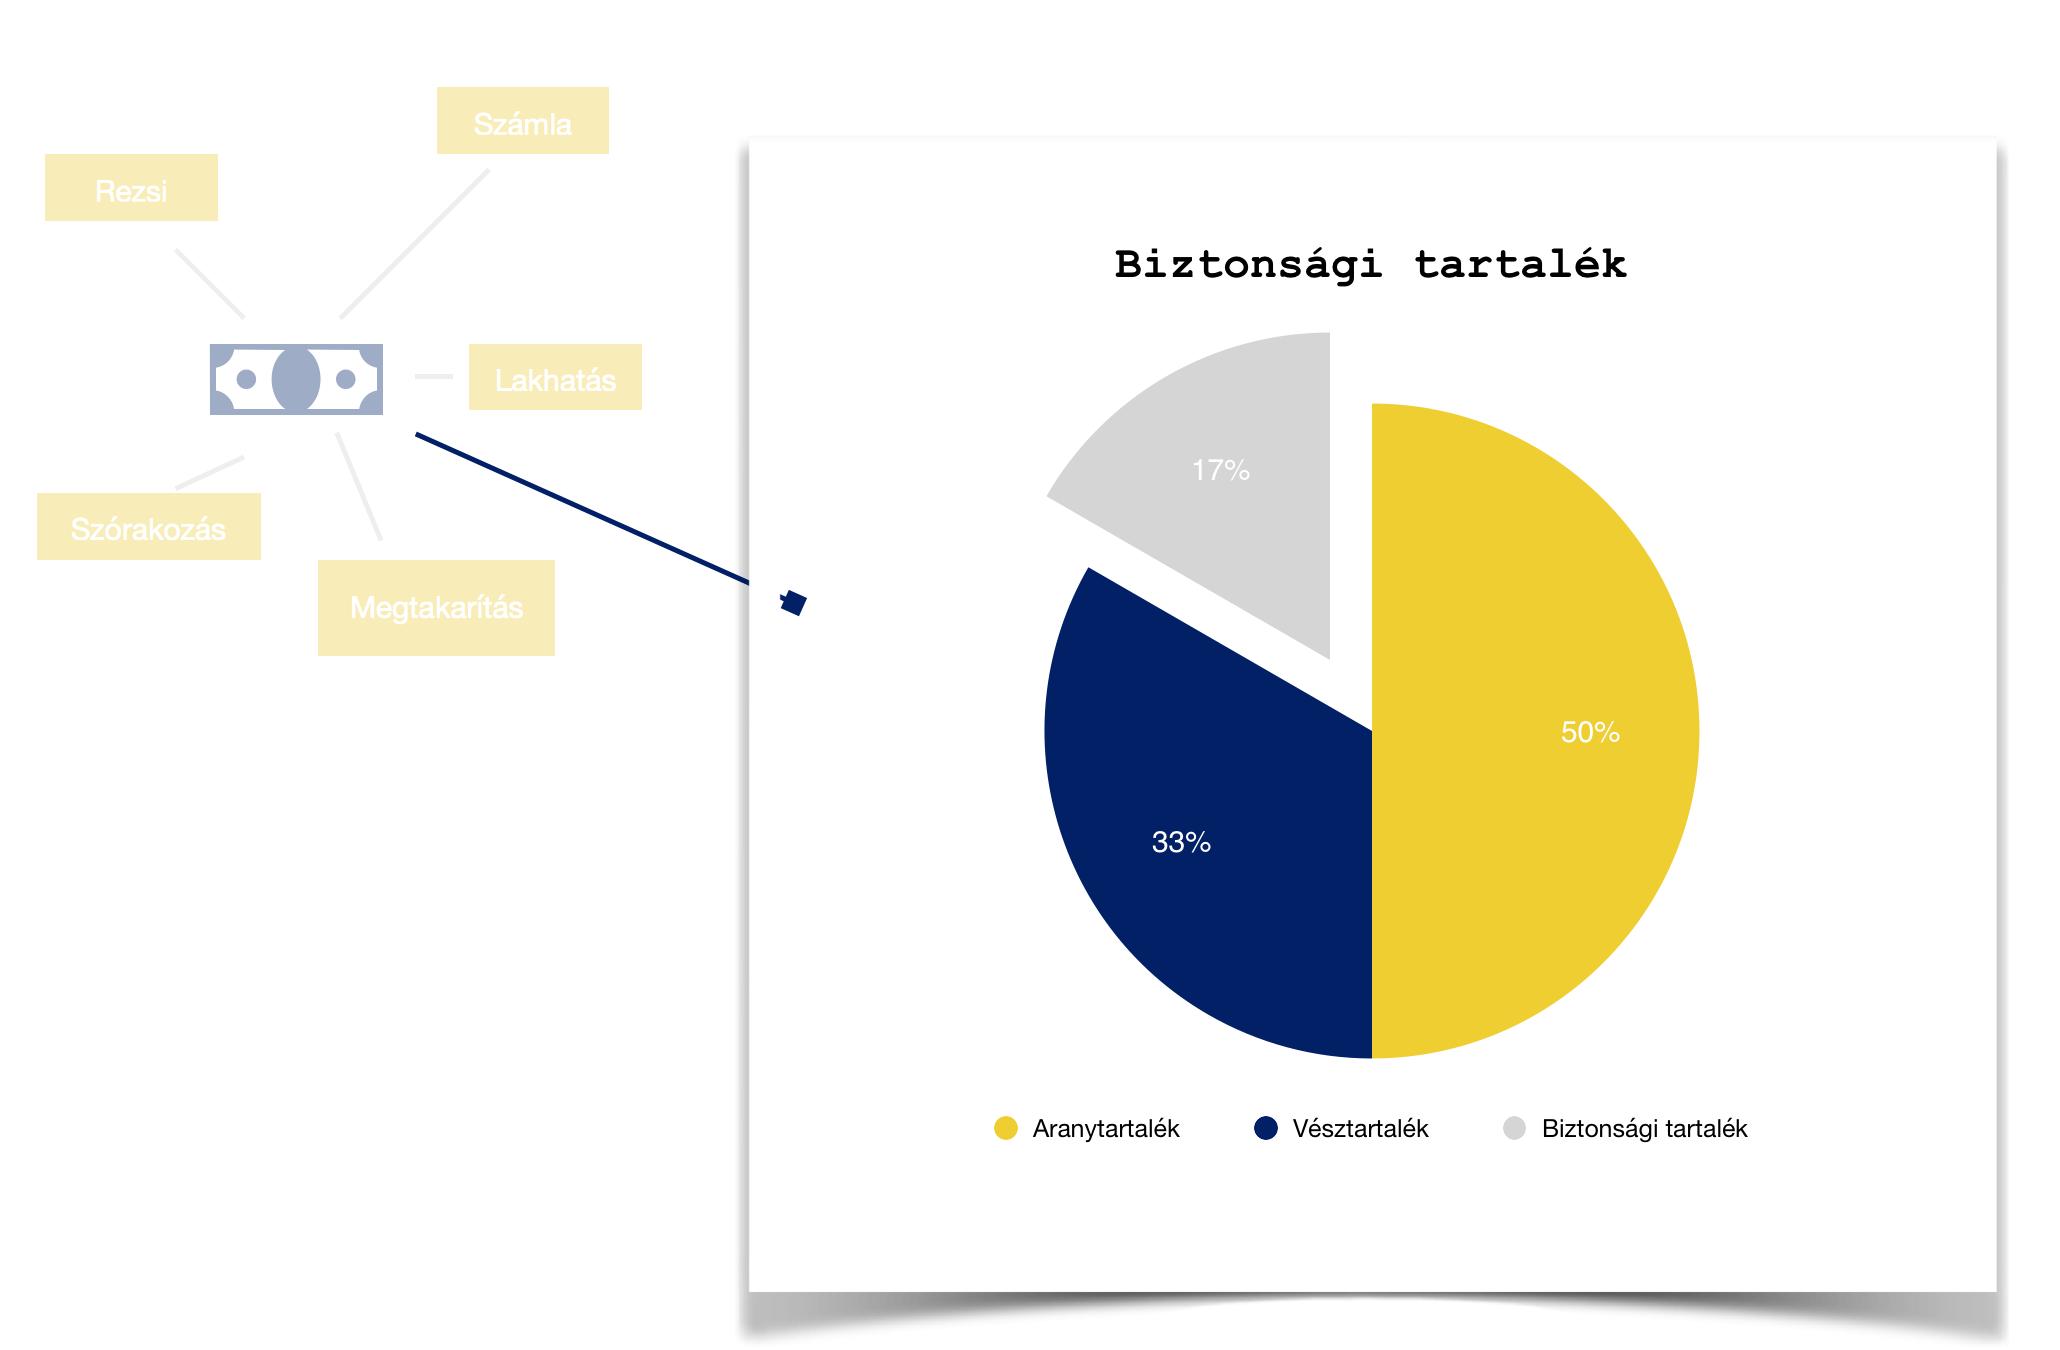 biztonsági tartalék képzése és felosztási arányai